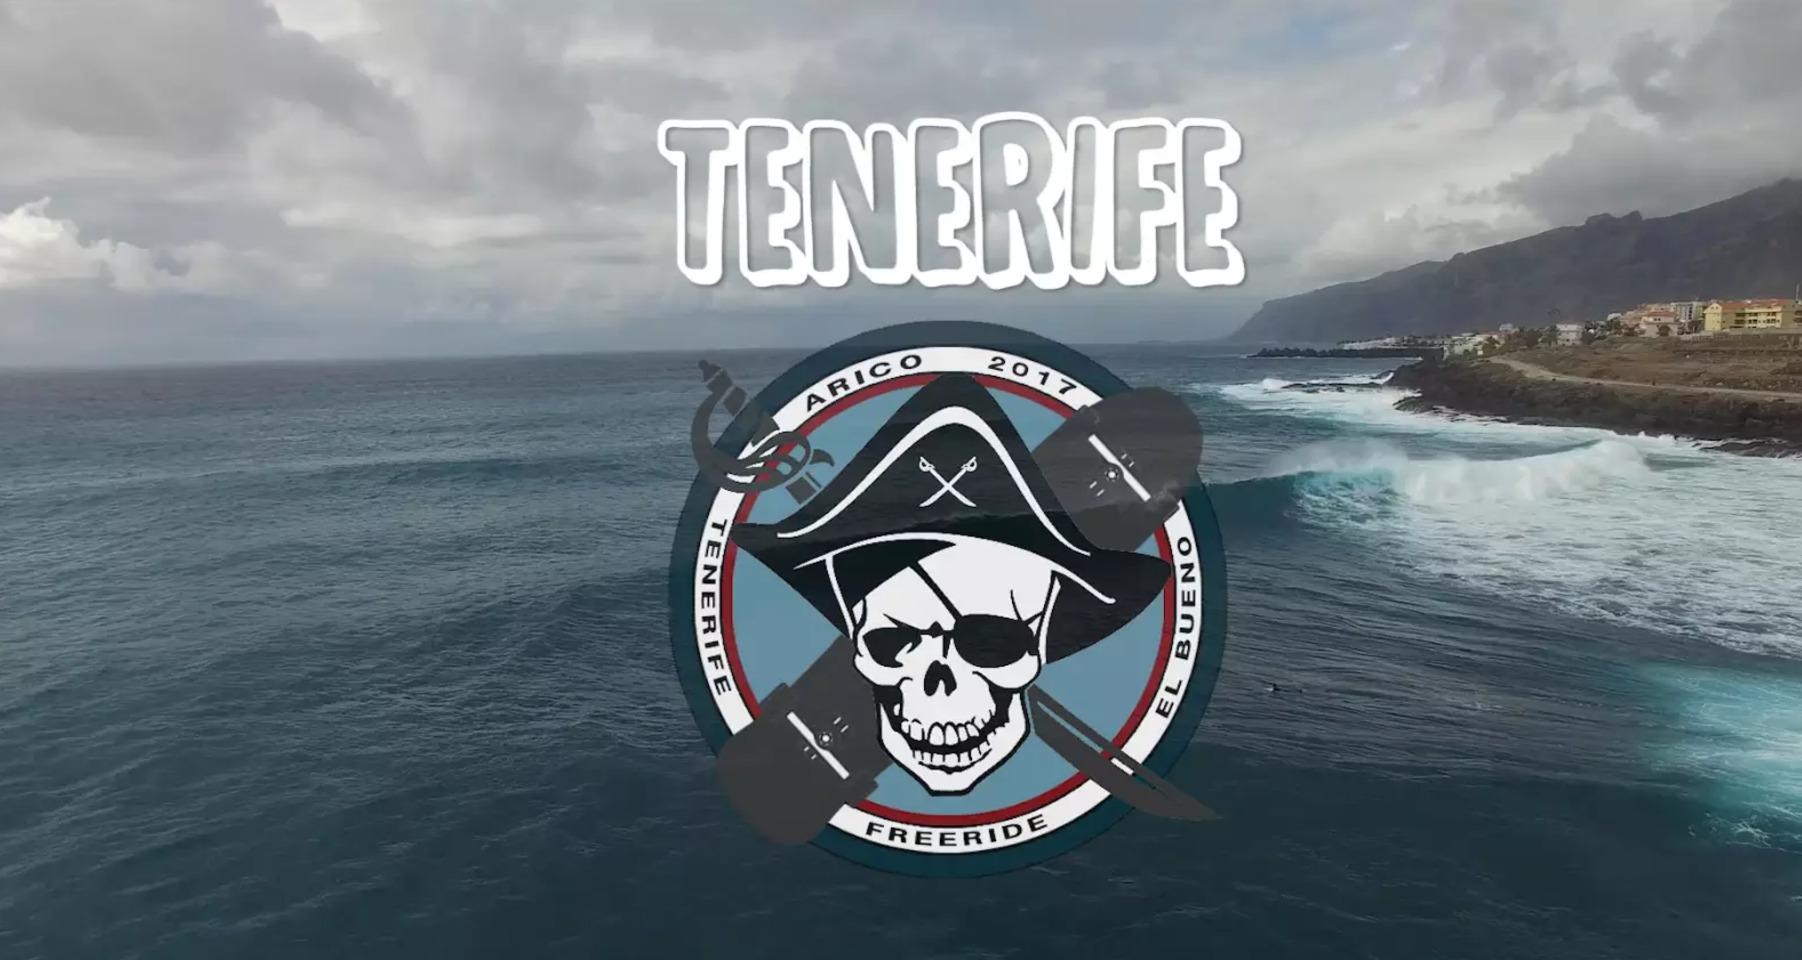 Arico - El Bueno Freeride, Tenerife [Trailer]